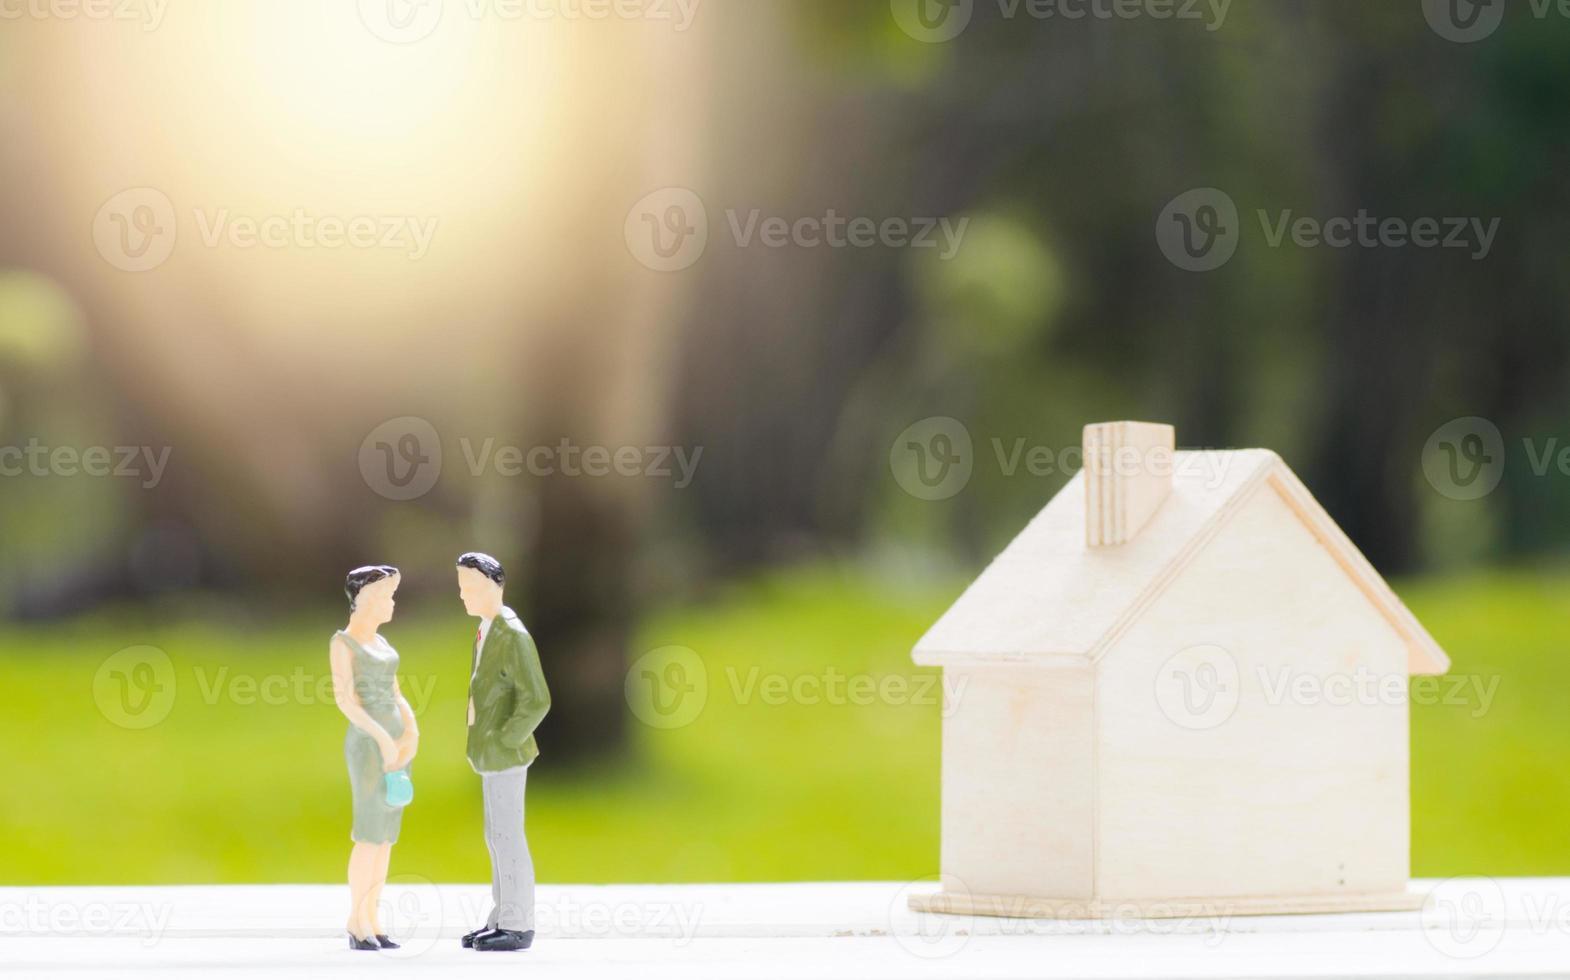 Figuras de hombre y mujer en miniatura junto a la casa modelo con fondo de naturaleza borrosa foto